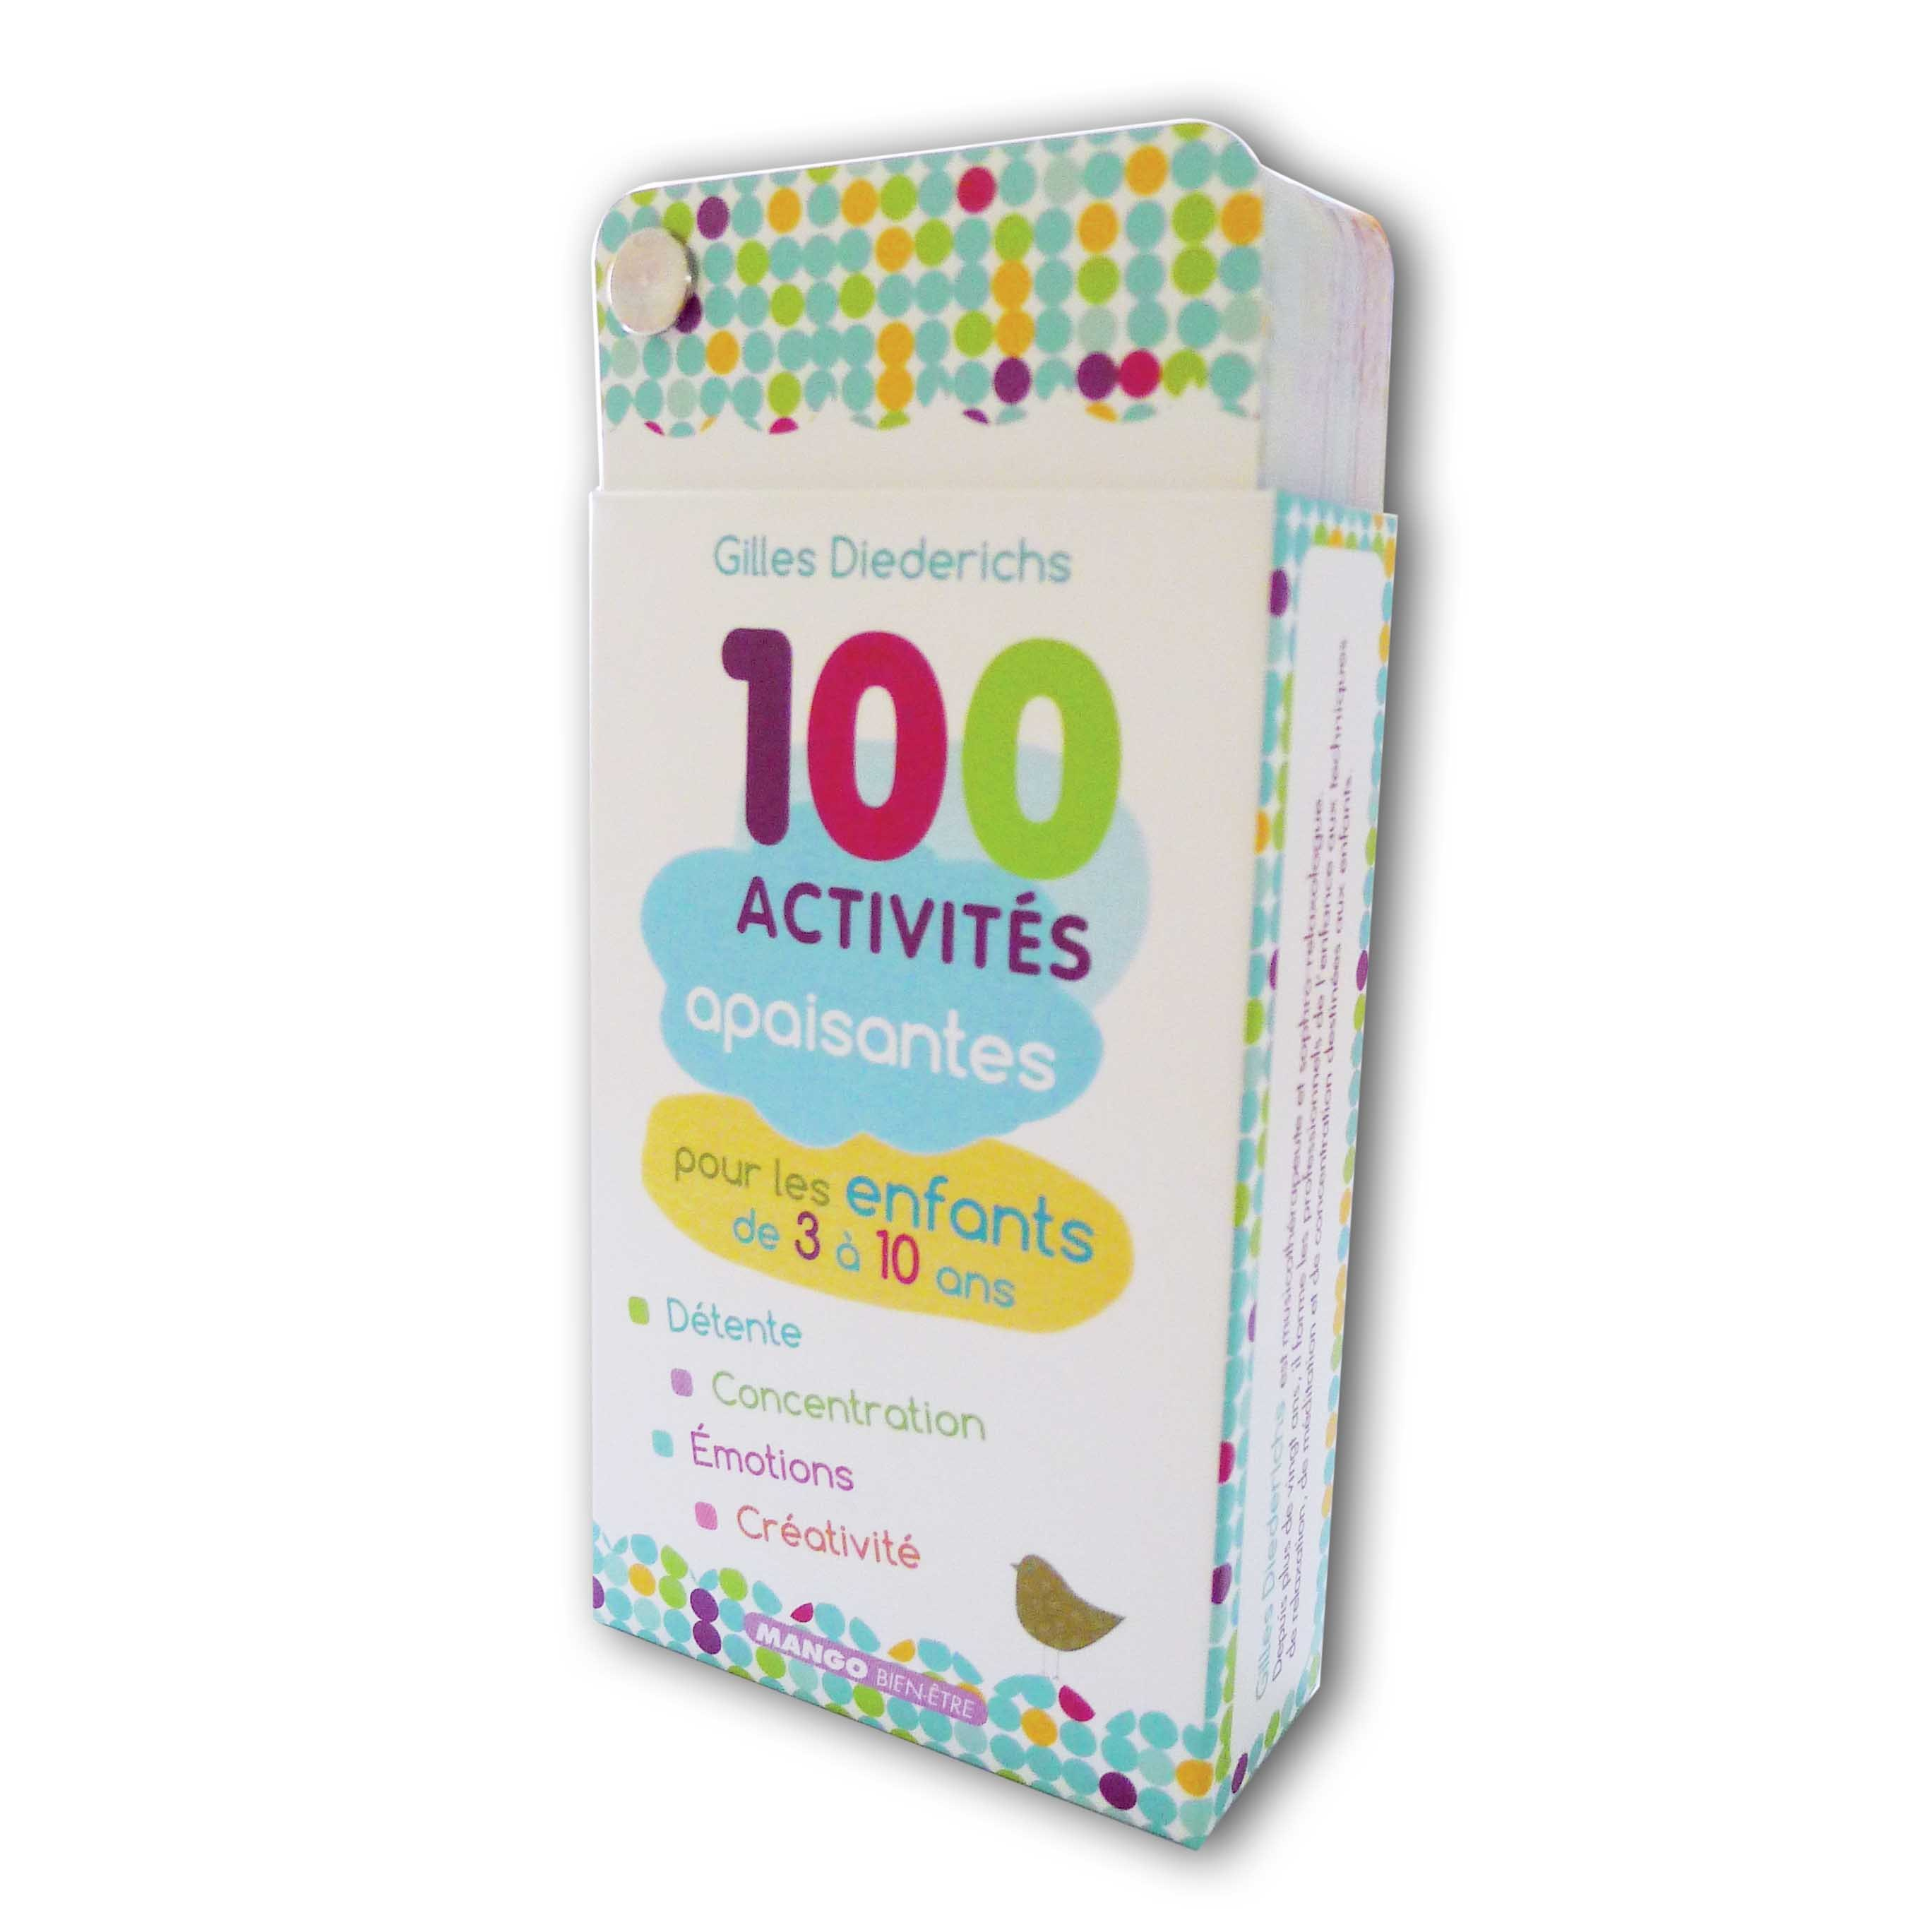 100 ACTIVITES APAISANTES POUR LES ENFANTS DE 3 A 10 ANS